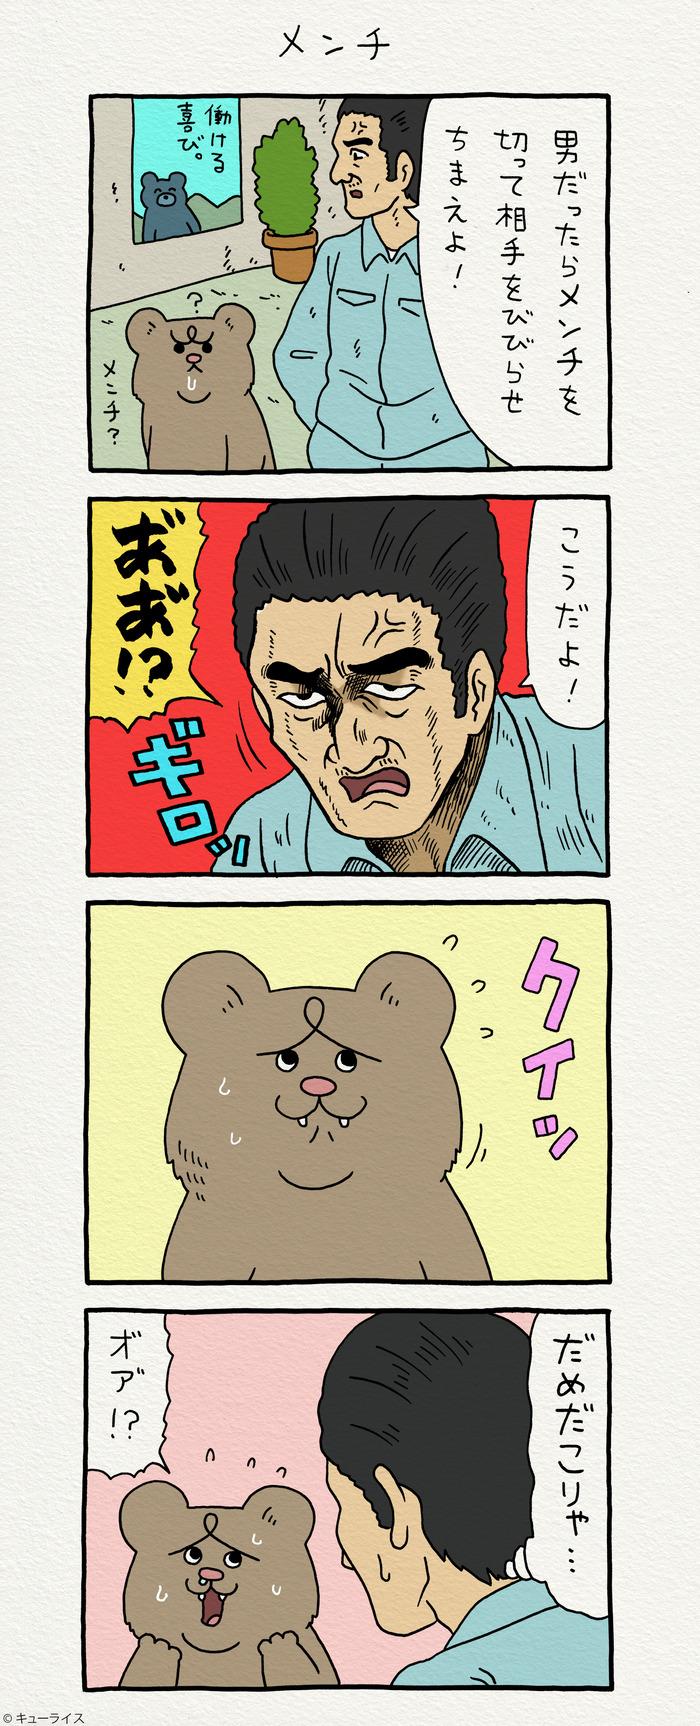 悲熊は強くなりたい 3 のコピー